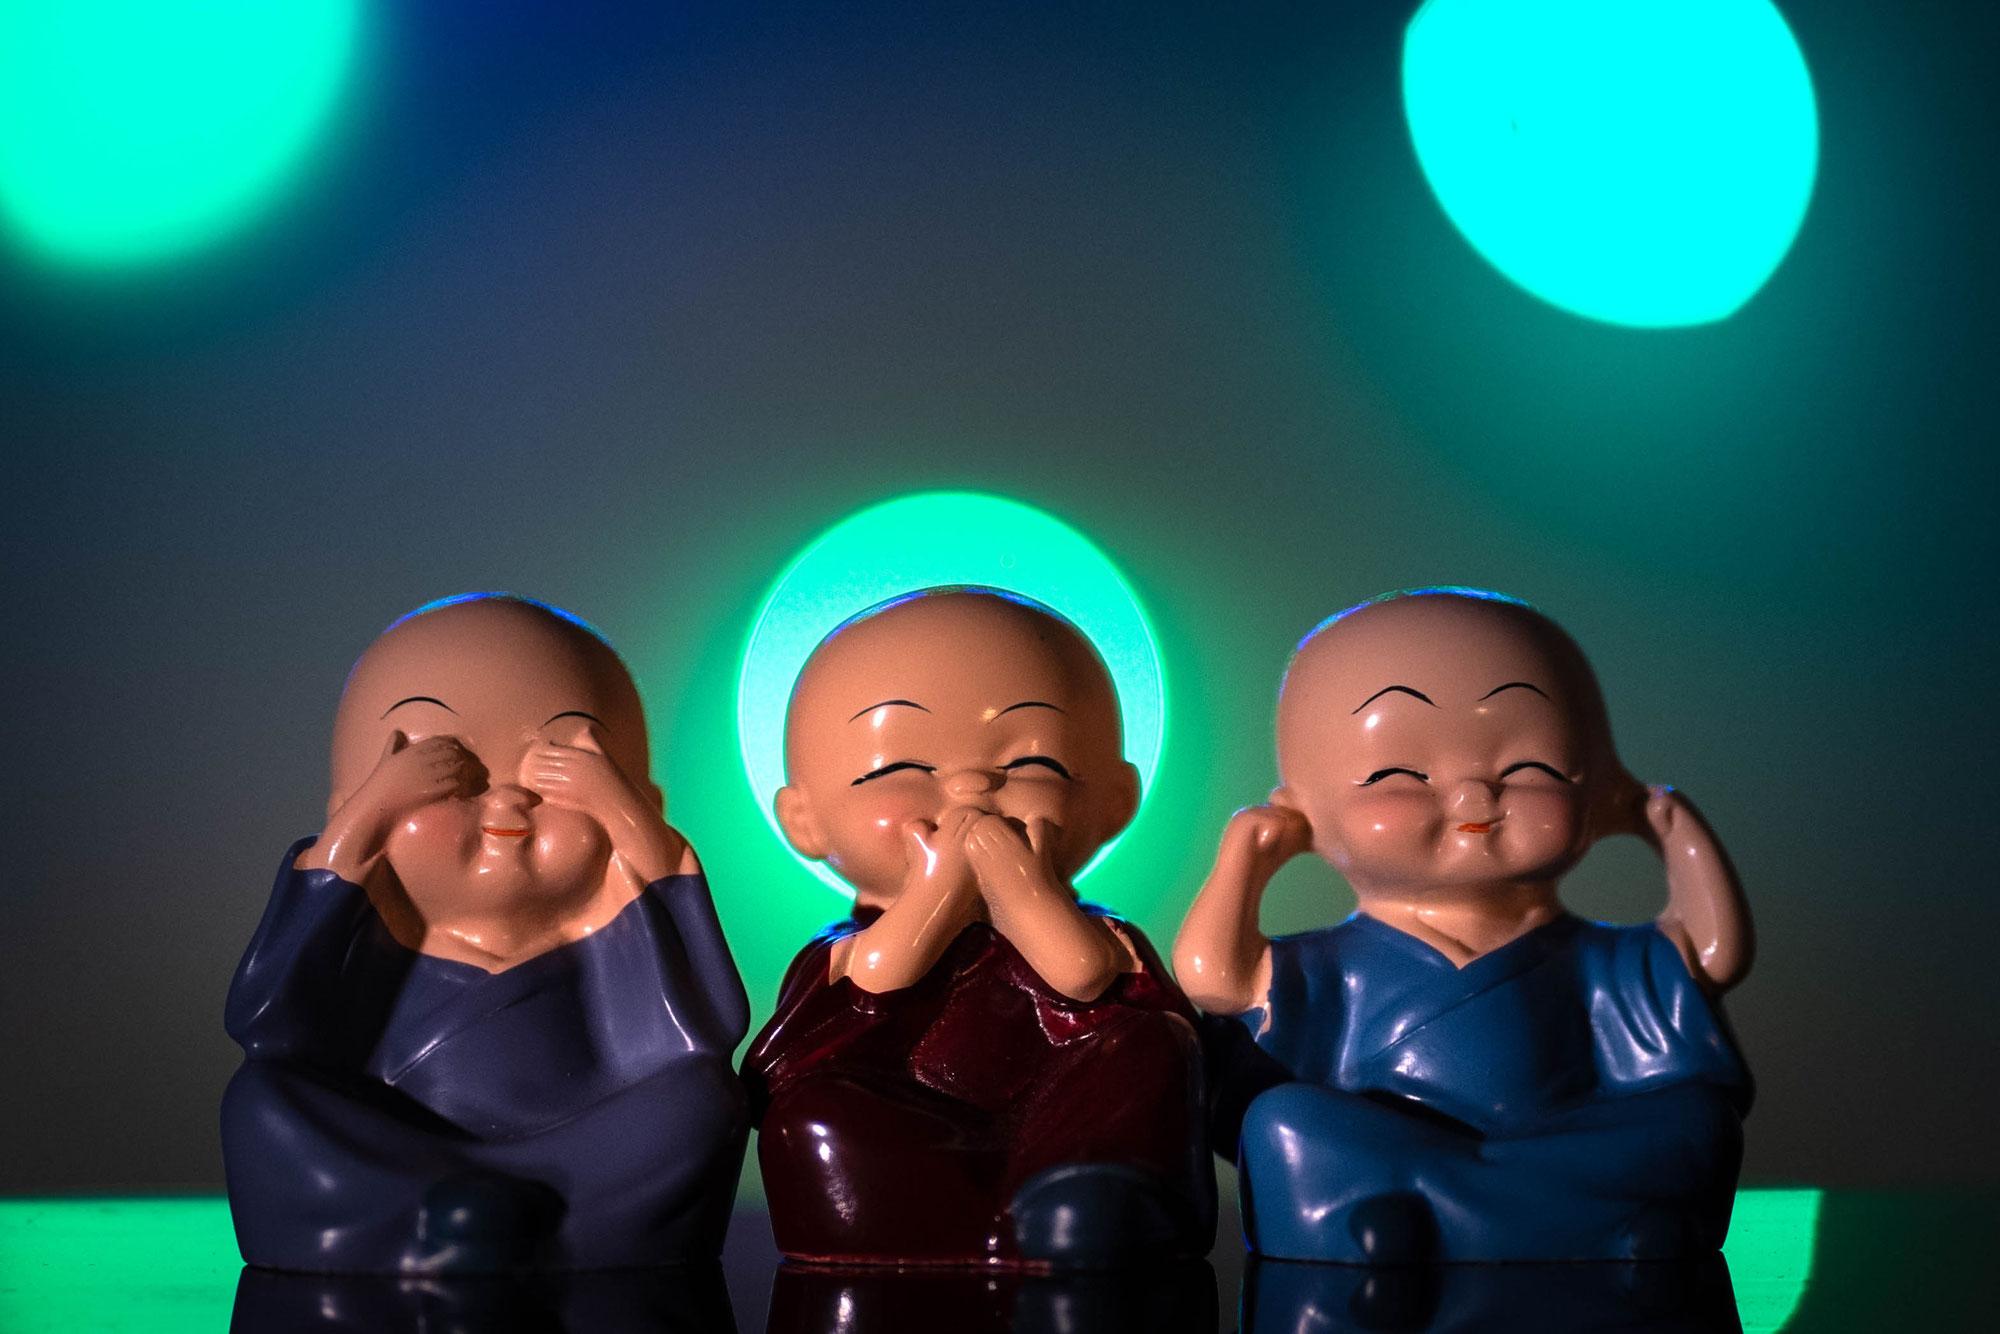 岸先生のヨーガ(呼吸法と瞑想)クラス 7/5(月)20:00~